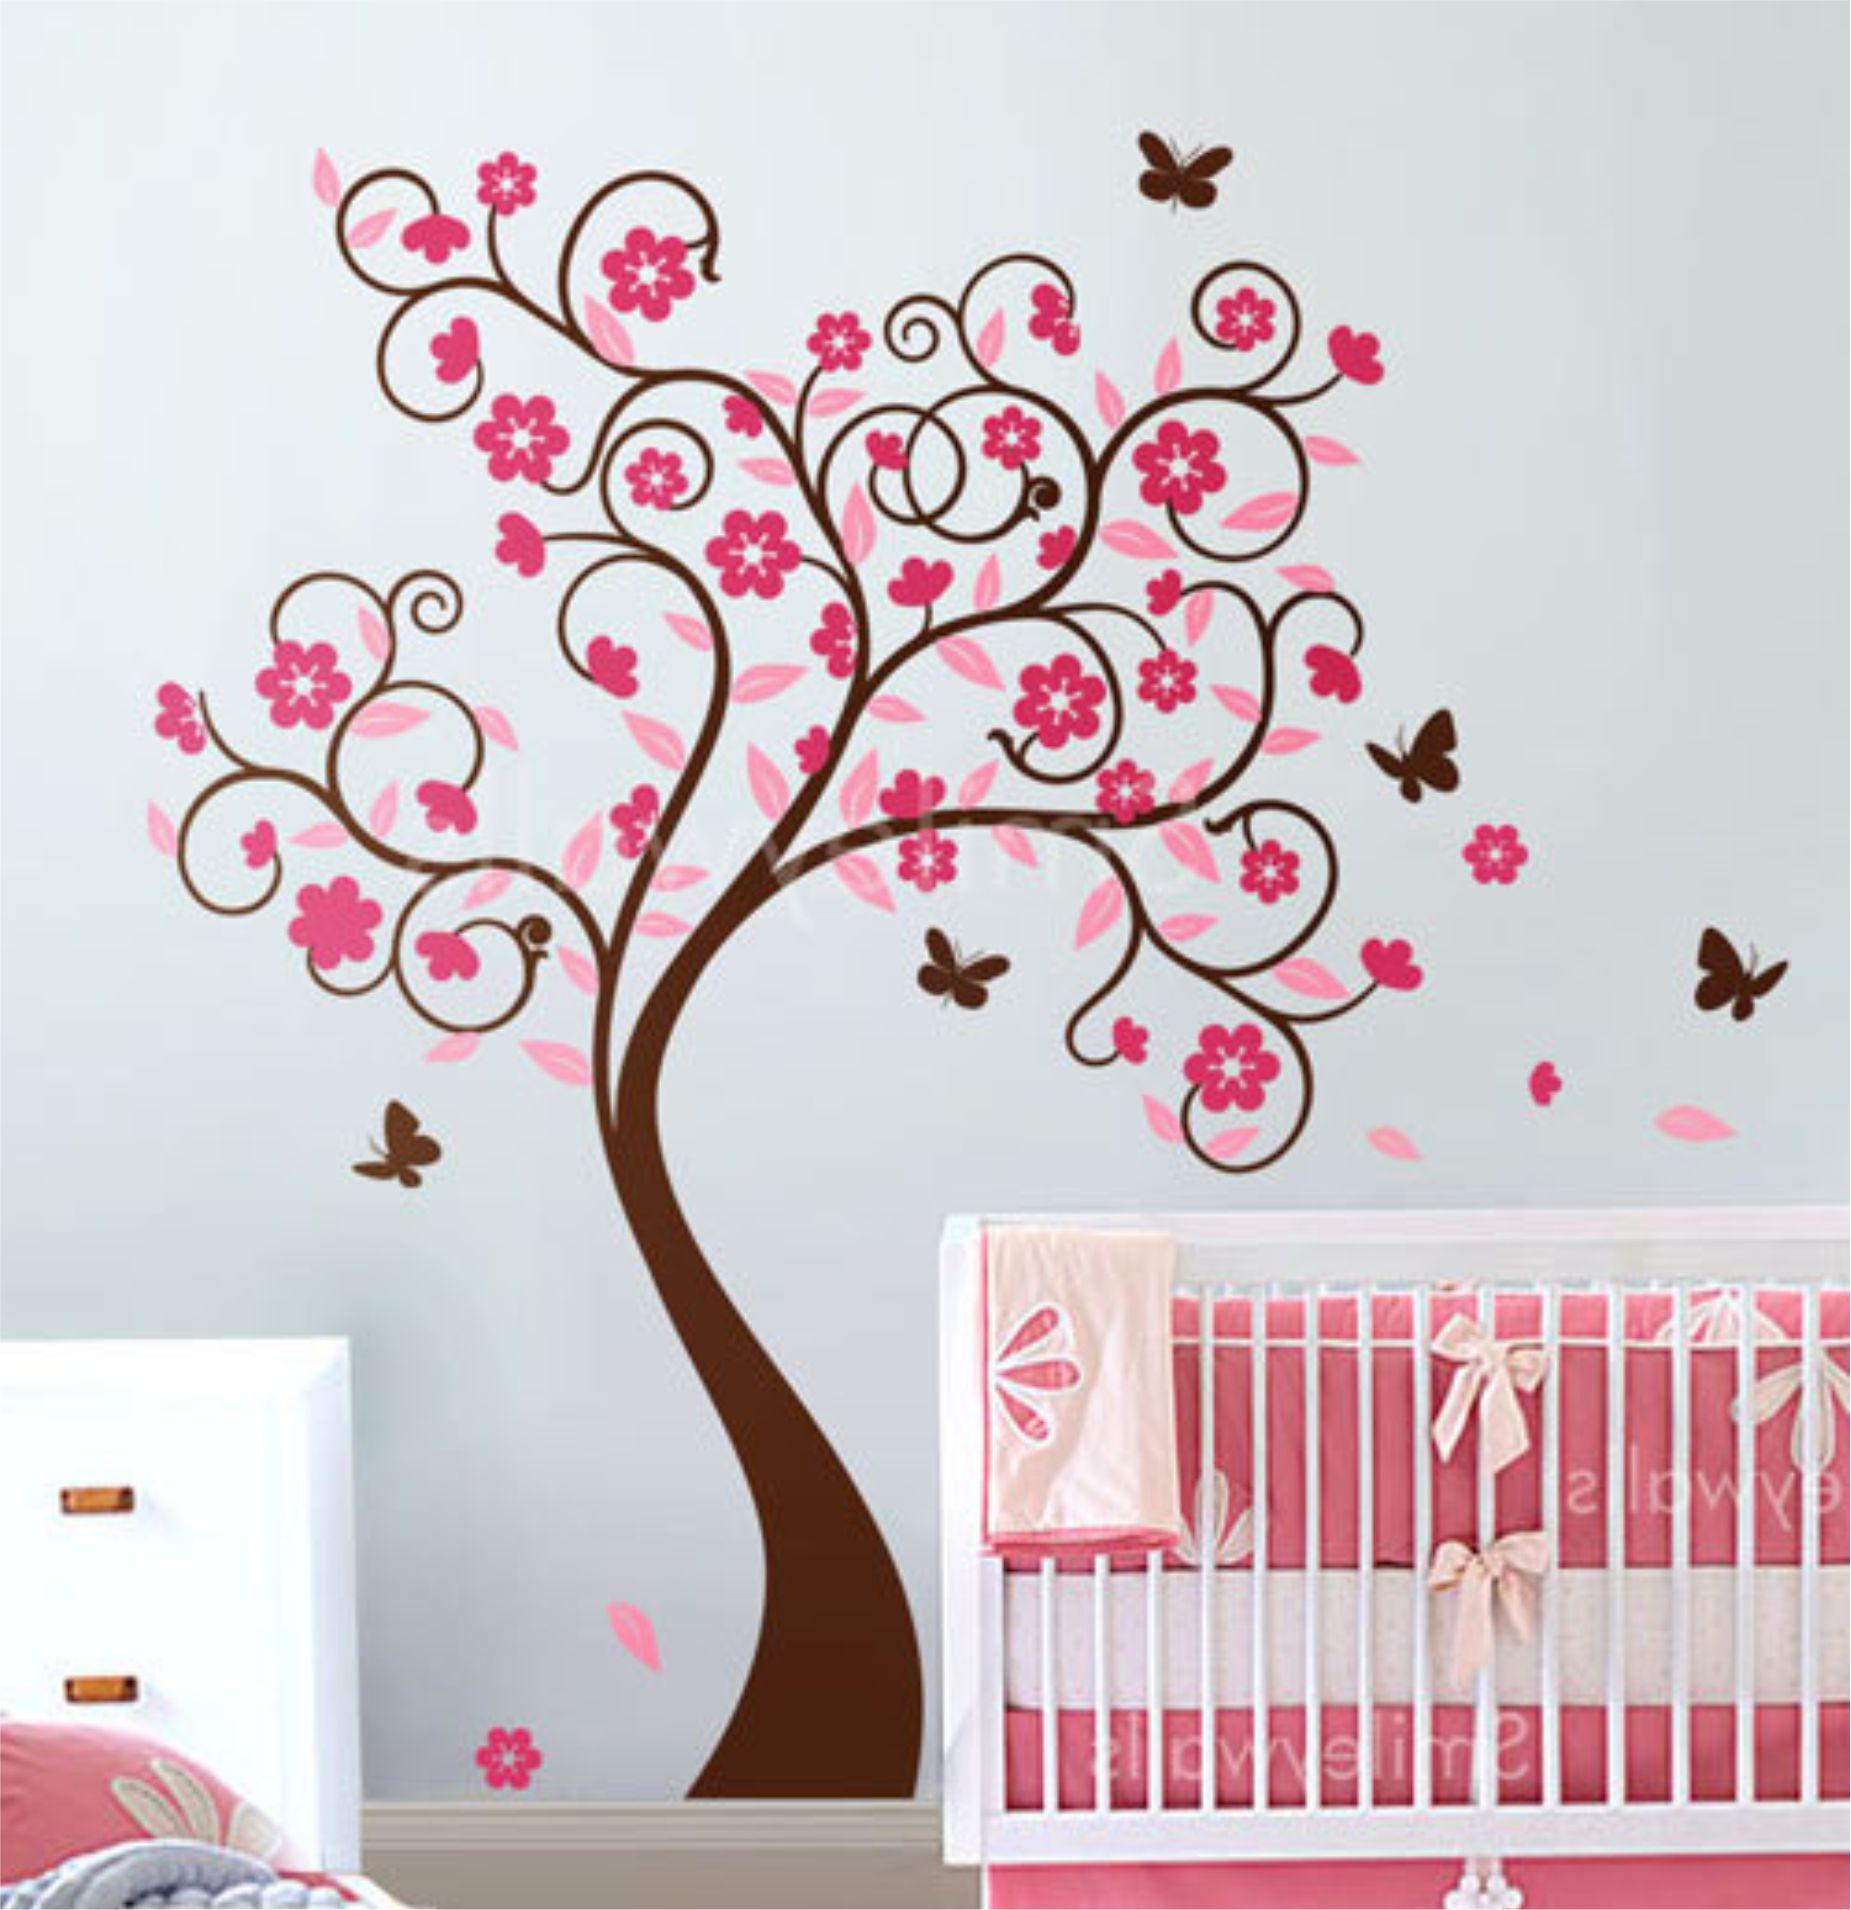 adesivos-decorativos-de-parede-de-arvores-quarto-de-bebê.jpg